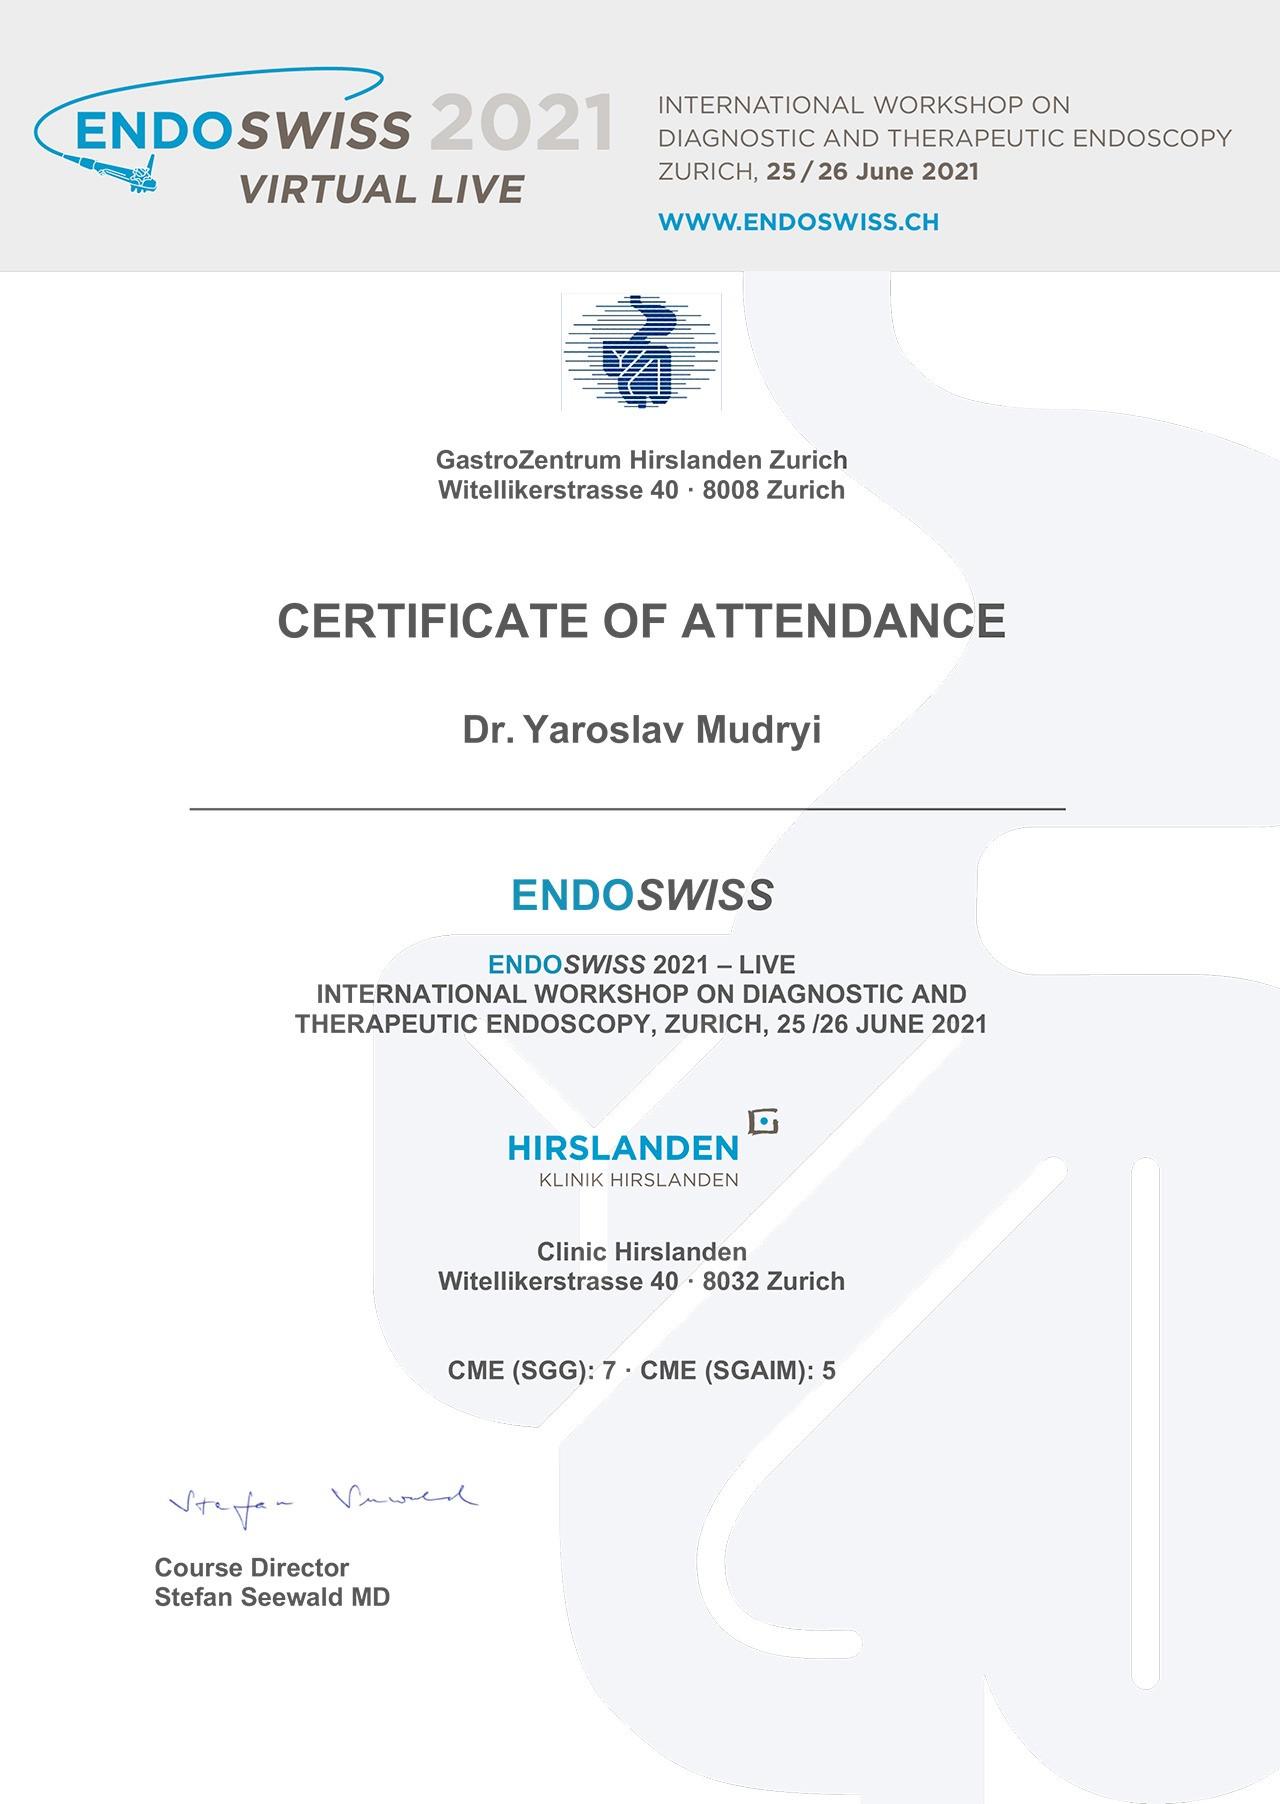 Сертификат об участии в международном семинаре по диагностической и терапевтической эндоскопии, Цюрих, Швейцария